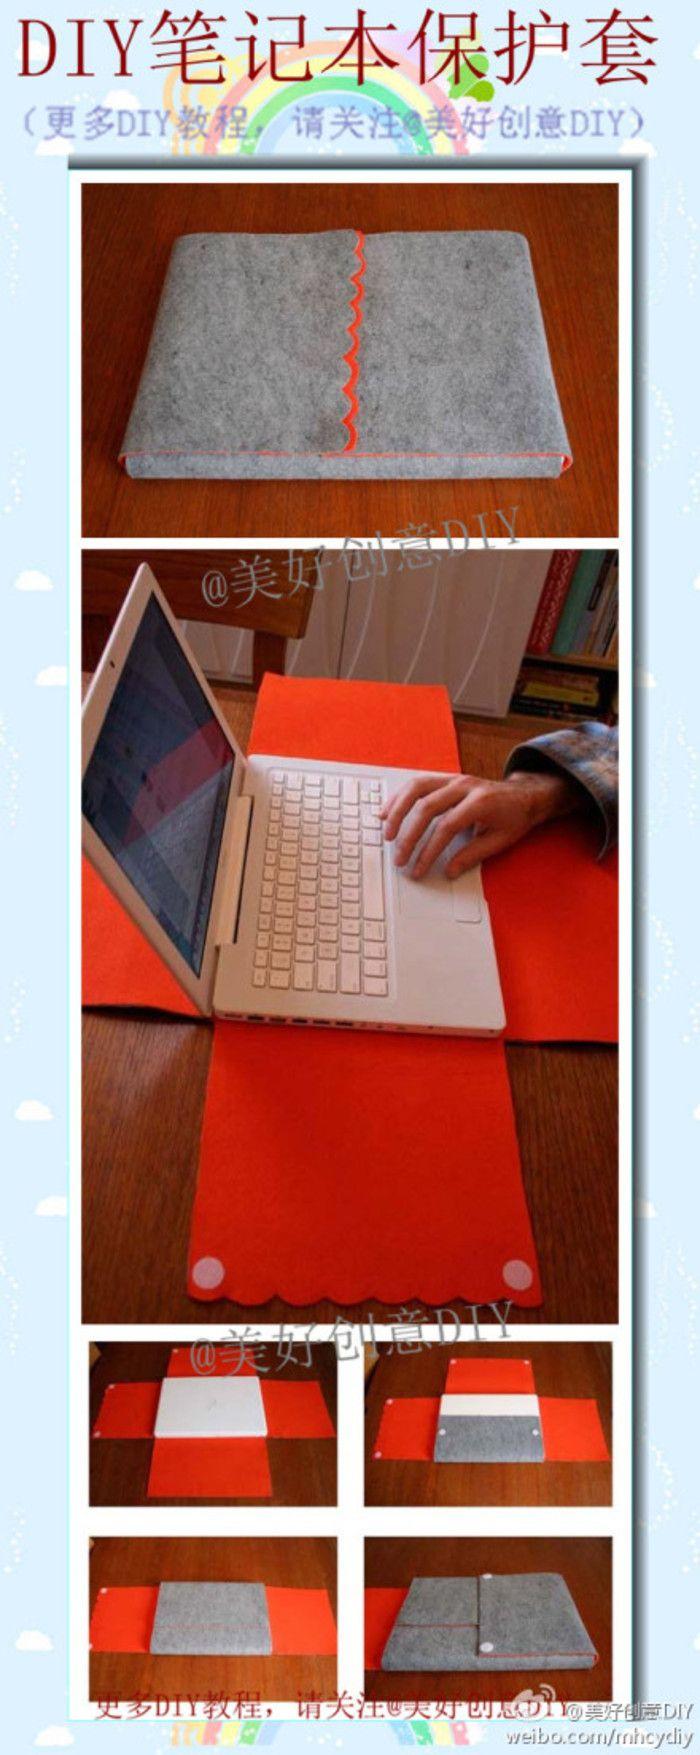 Dale a tu cuaderno un bar DIY cubierta protectora, tutoriales aquí ~